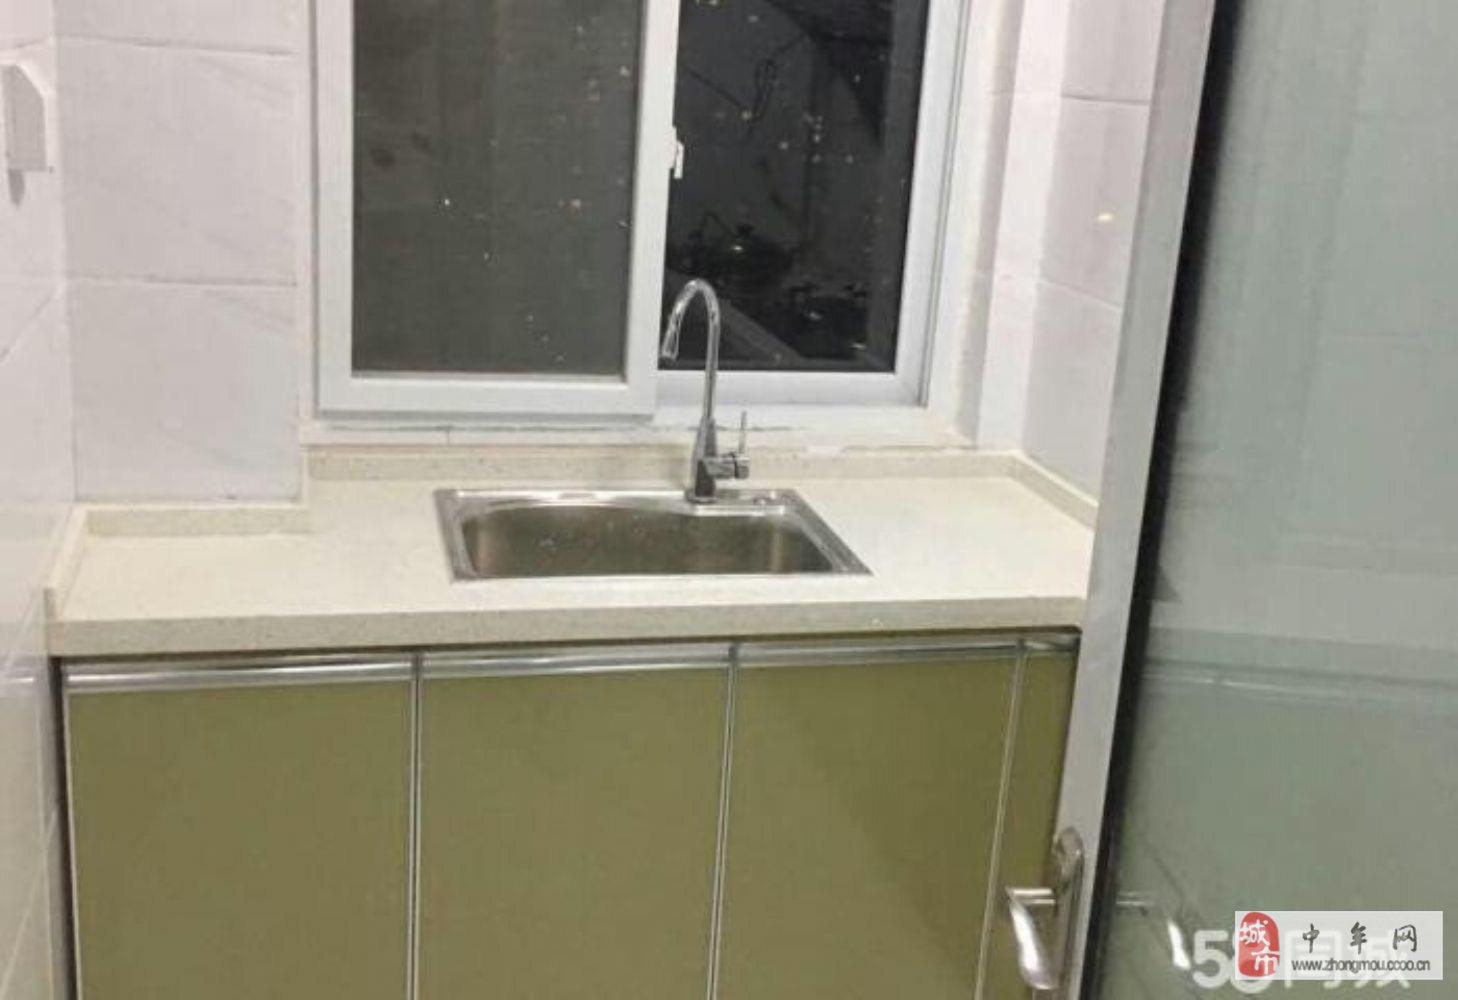 东方润景低价出售2室2厅2卫93万元